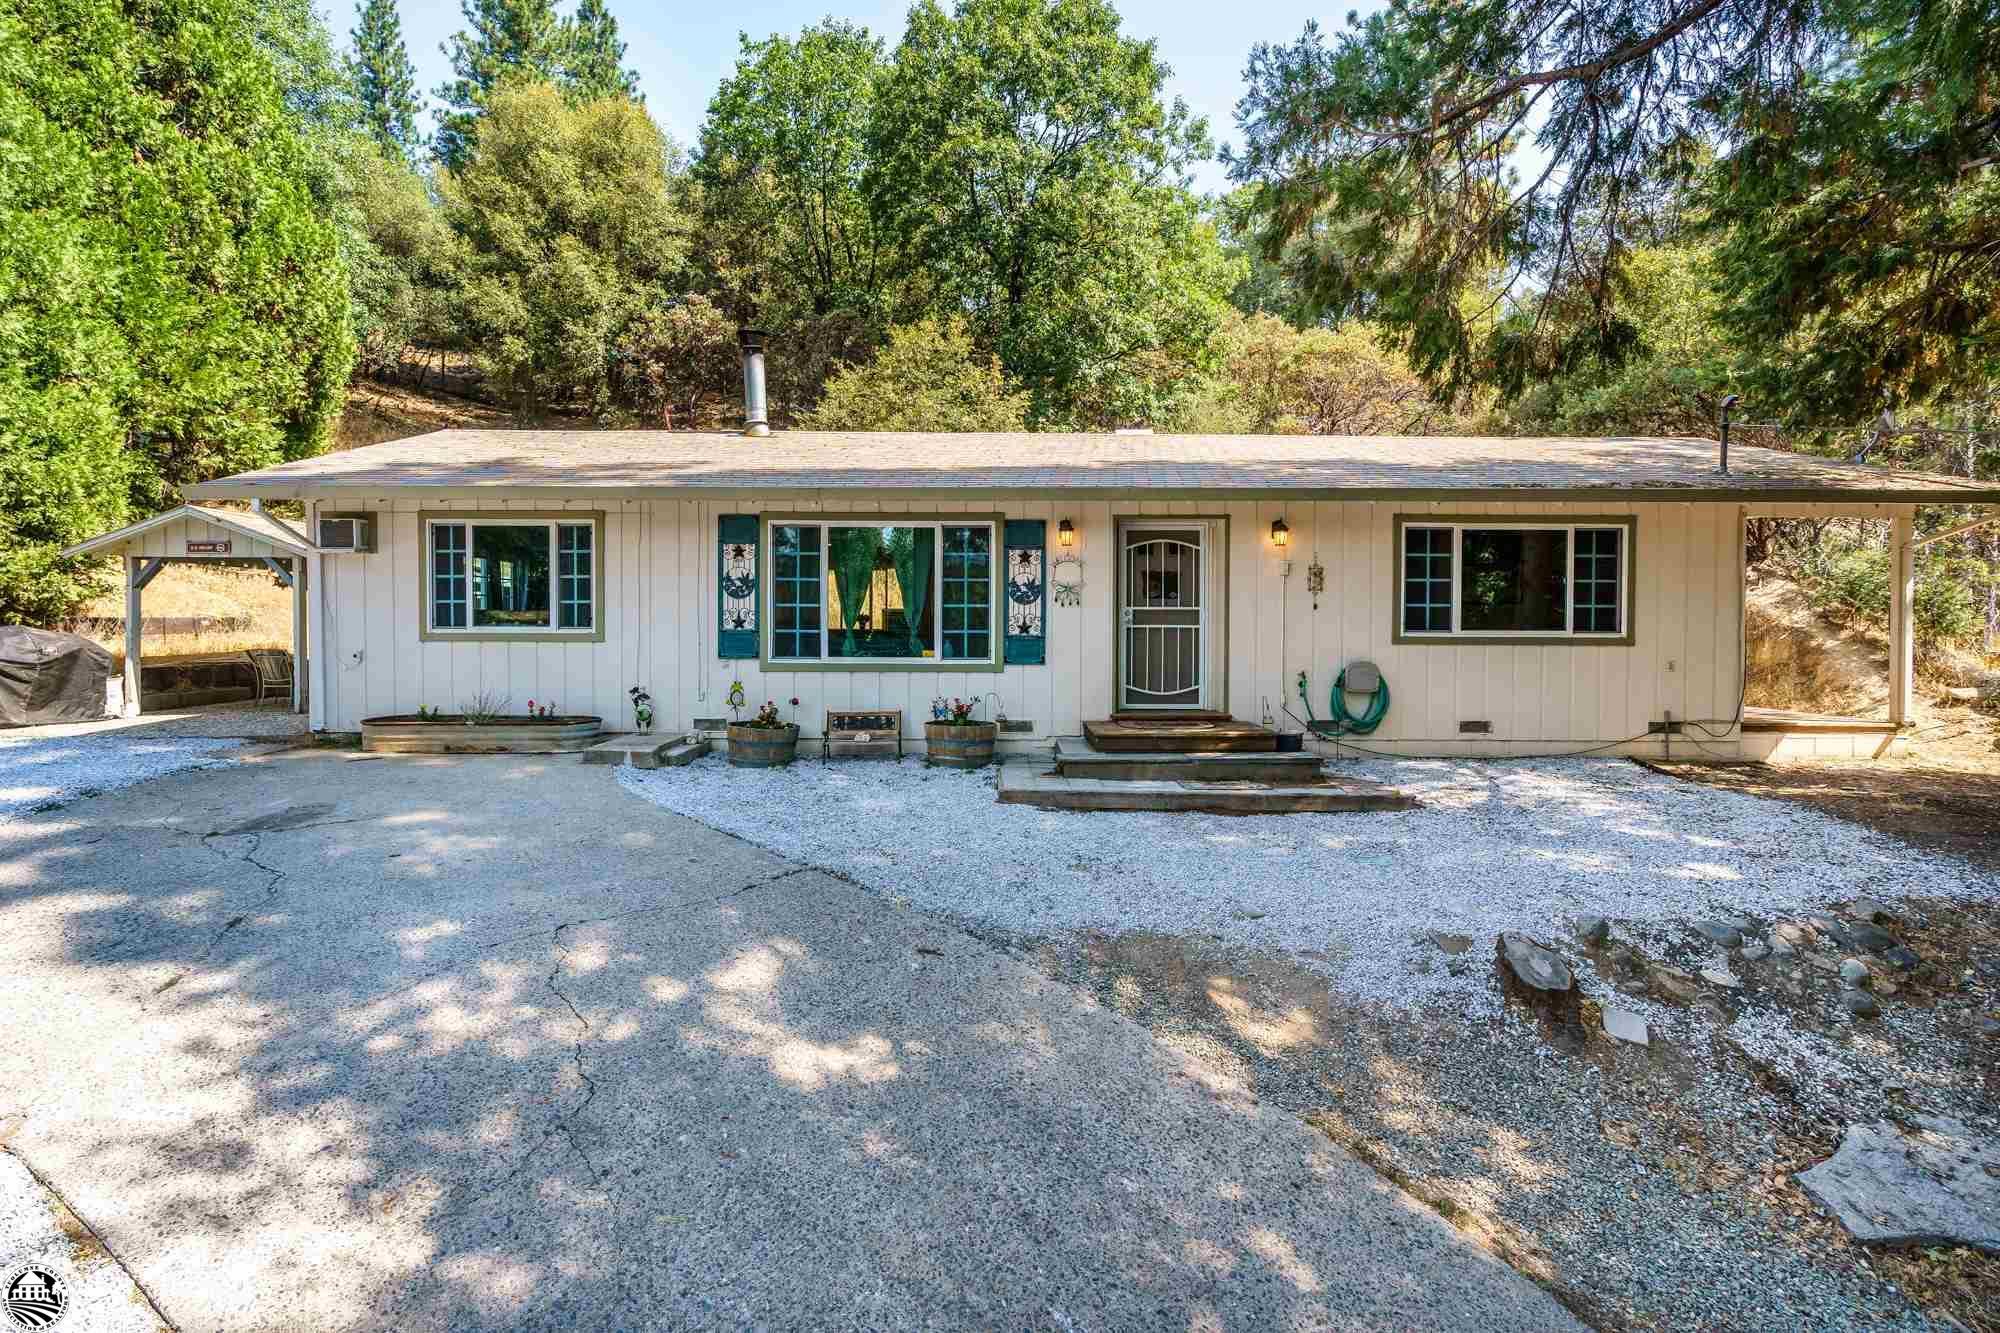 16591 Creekside Drive, Sonora, CA 95370